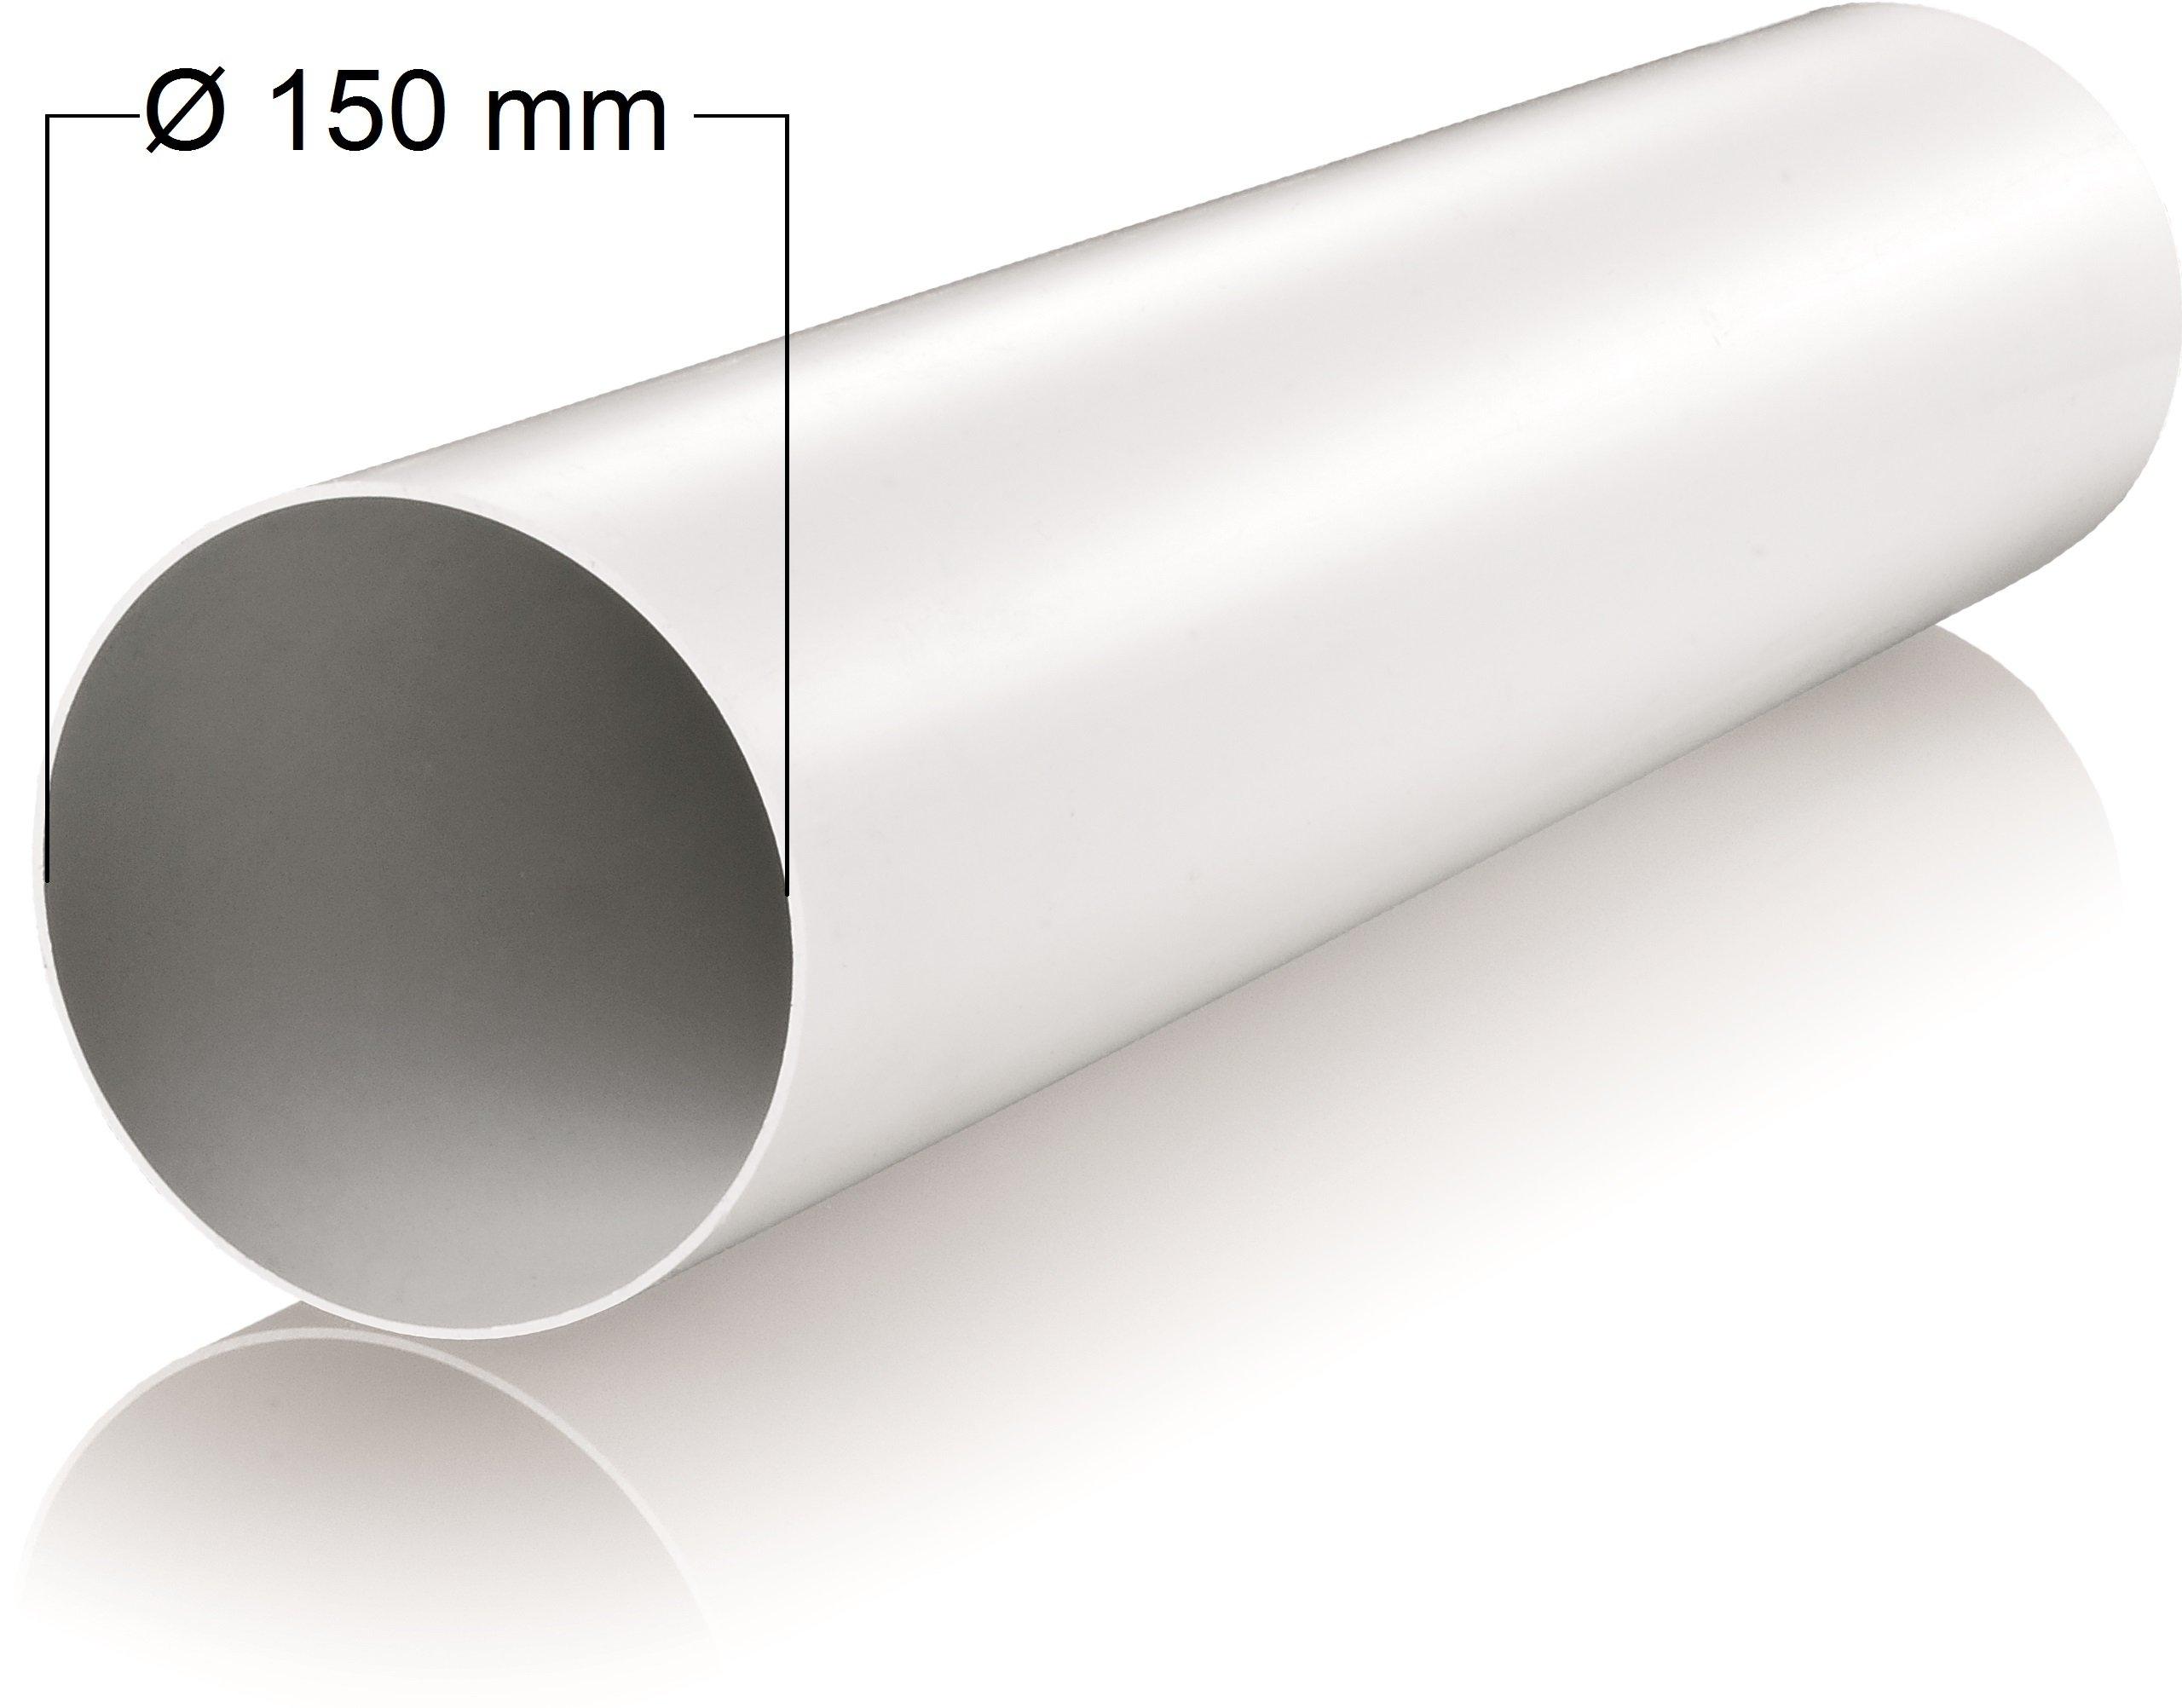 Tubo de ventilación (150 mm de diámetro longitud 1 m metros de tubería de plástico redondo Tubo Redondo Canal Canalizado Canalizado Canal Campana Canal Diámetro de 15 cm y 100 cm de